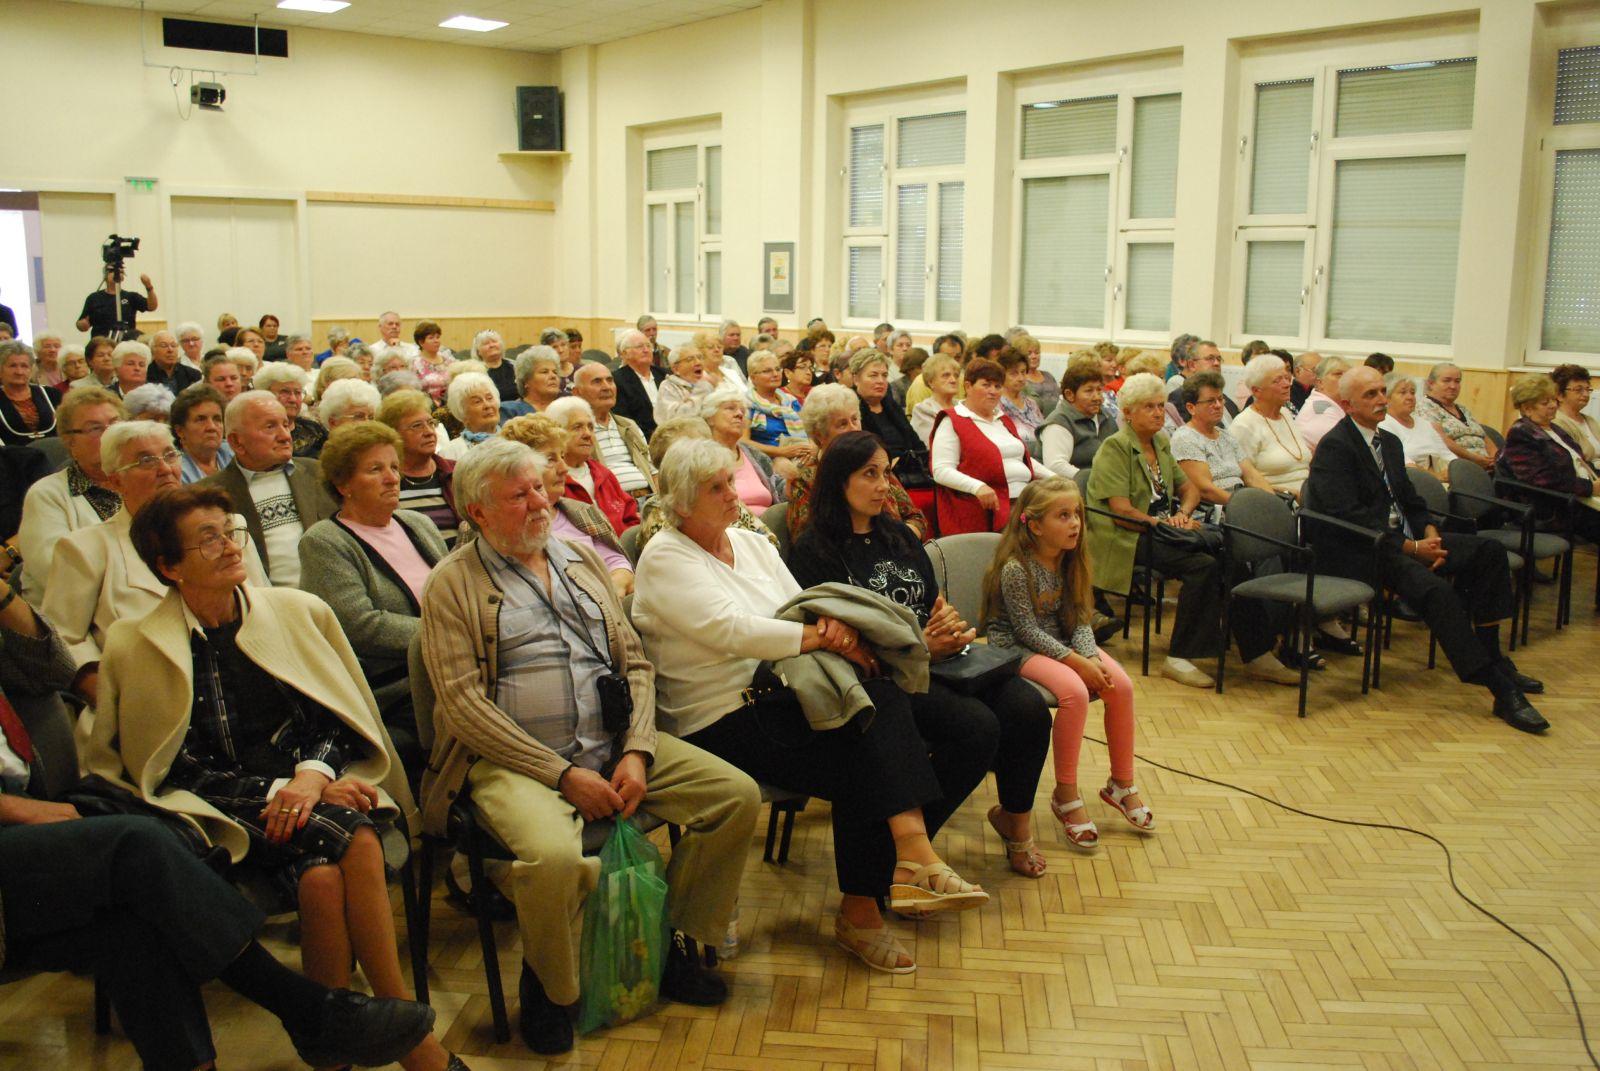 Monoron is köszöntötte az önkormányzat a nyugdíjasokat az idősek világnapja alkalmából